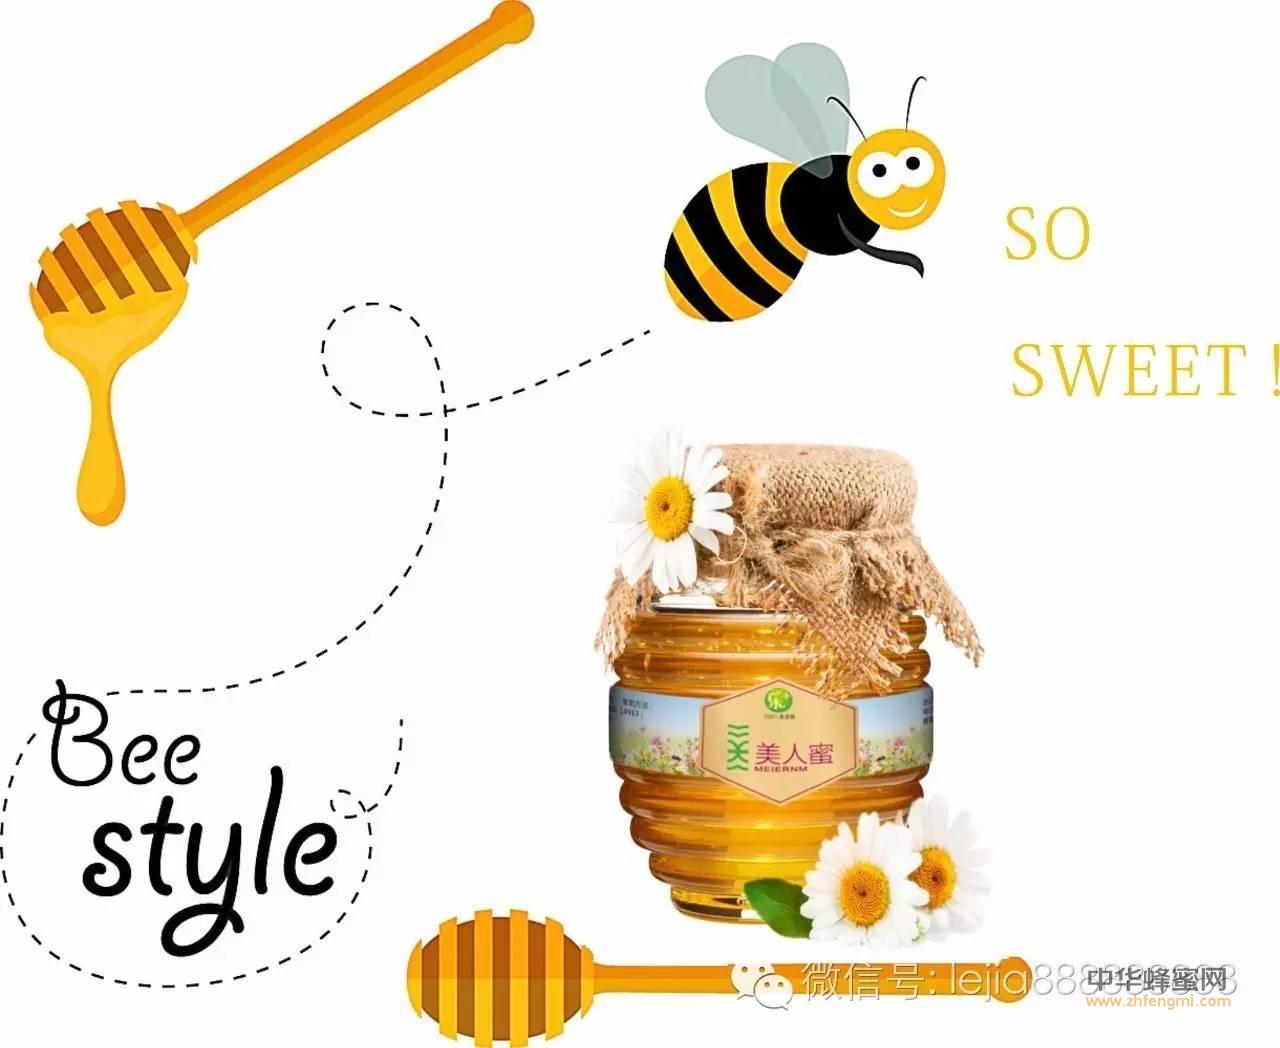 【咳嗽 蜂蜜】_美人蜜‖蜂蜜的起源!